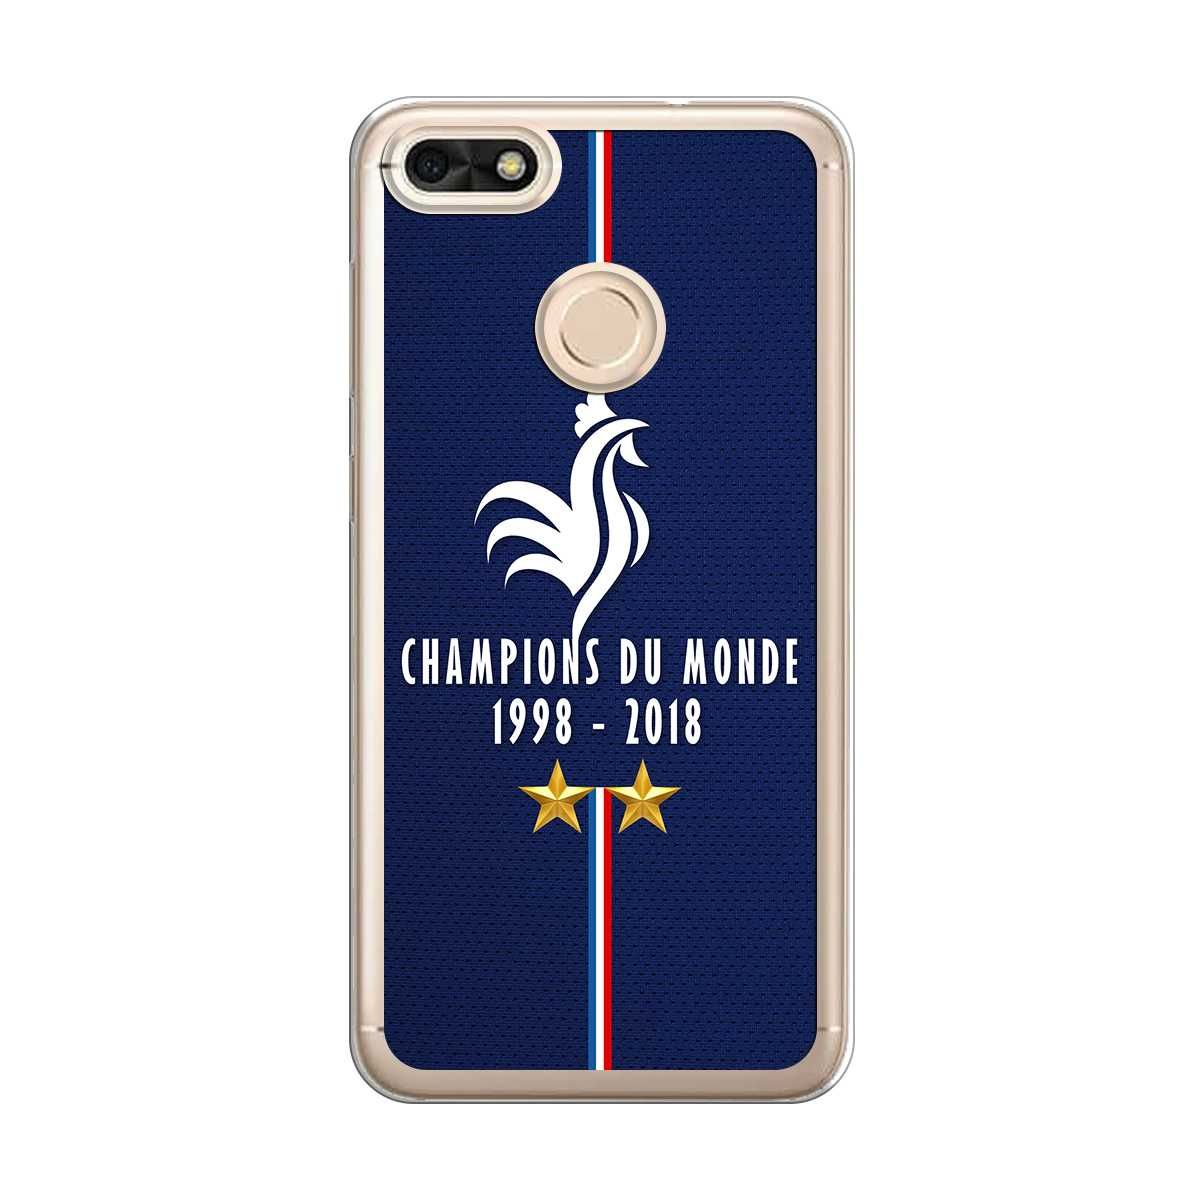 Coque Huawei Y6 2018 Rigide Transparente, Champions Du Monde 1998 2018 de Football de la FFF !